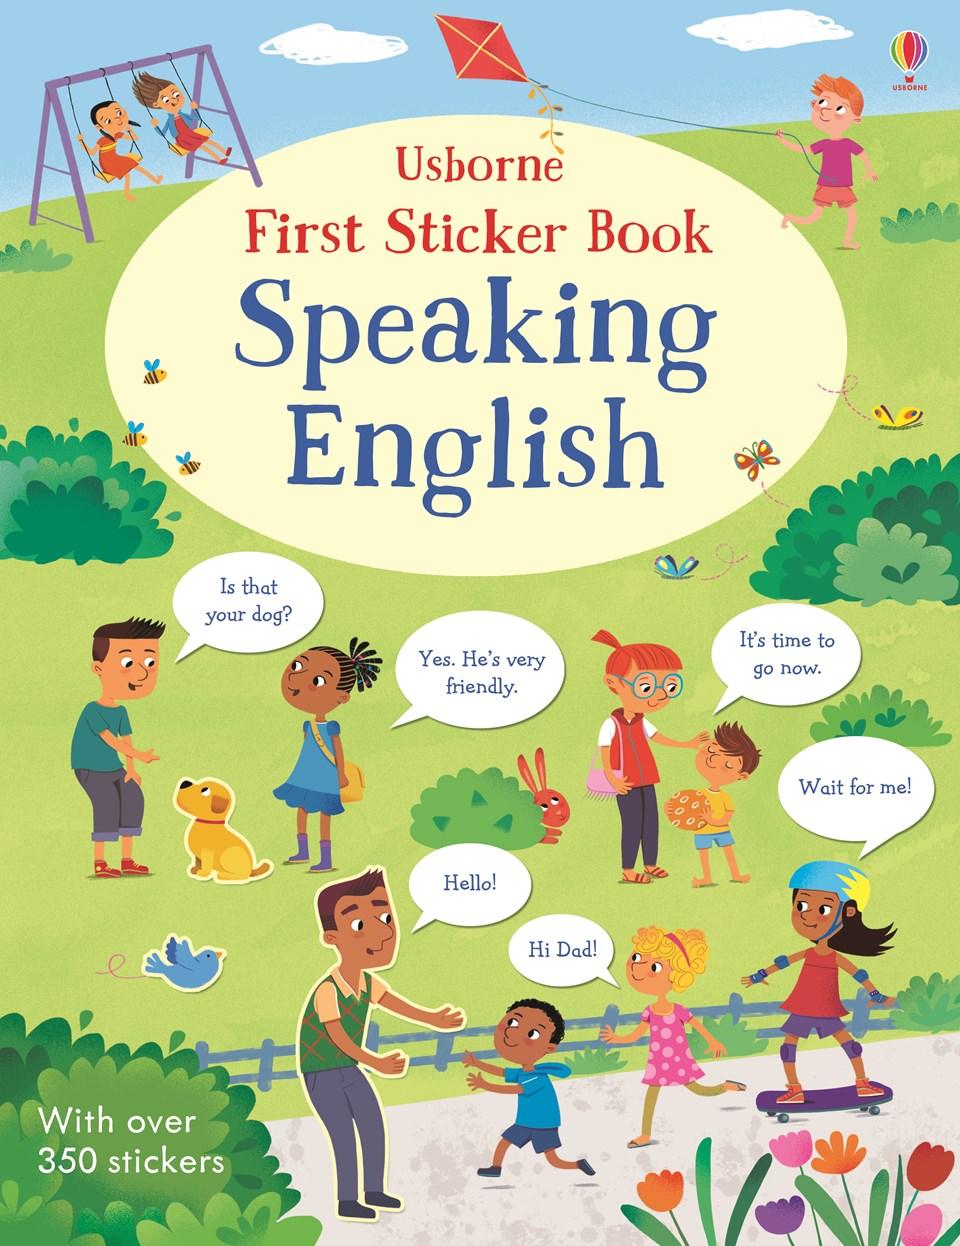 speaking english.jpg